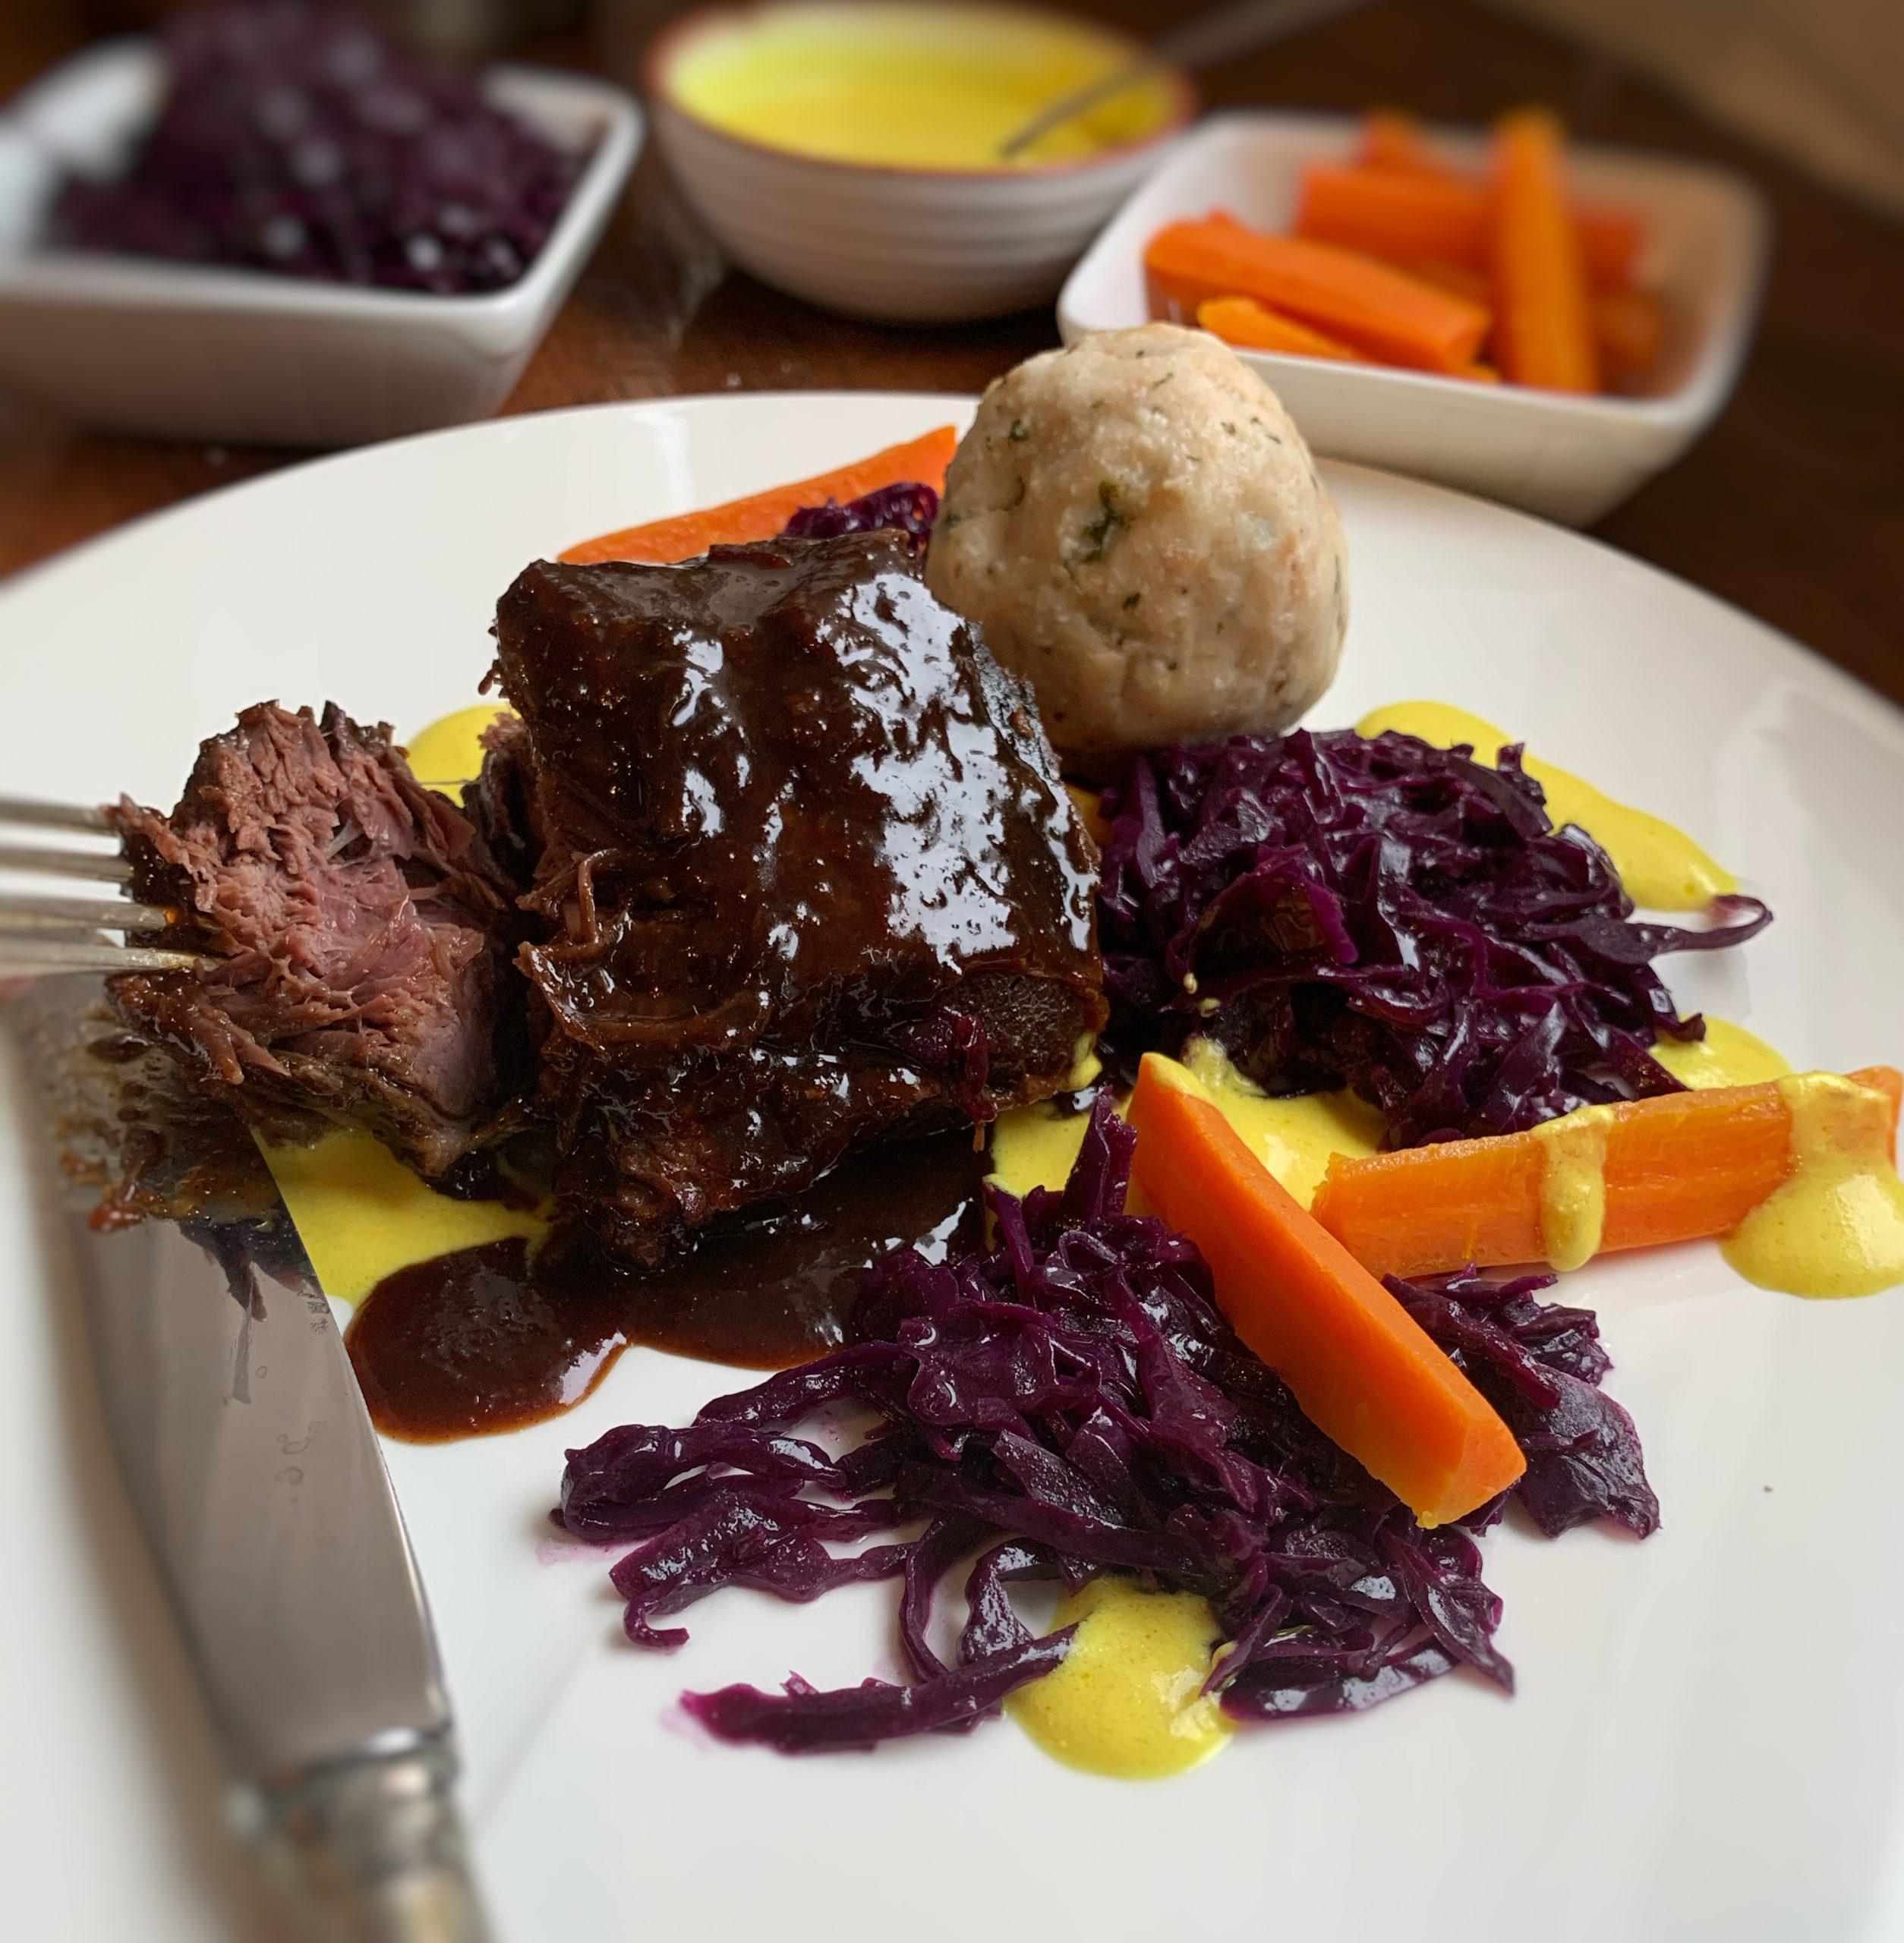 Ochsenbäckle in Burgundersoße, Rotkraut und Karotten